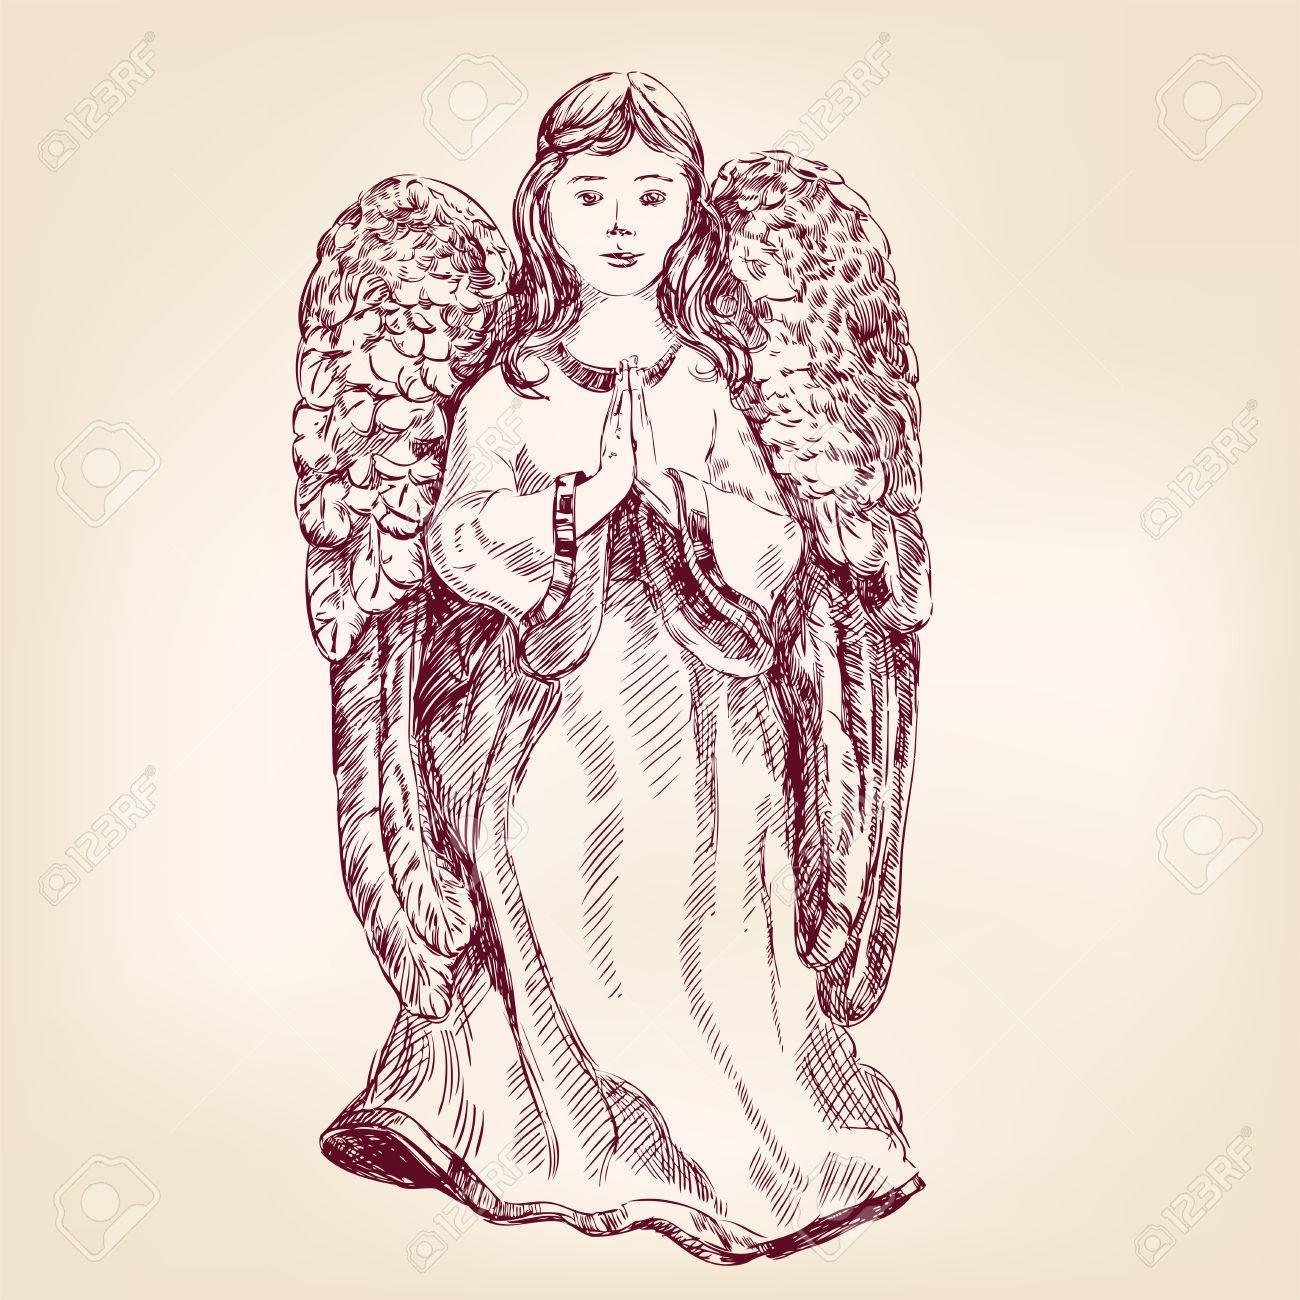 Dessin Ange Realiste ange illustration vectorielle croquis réaliste